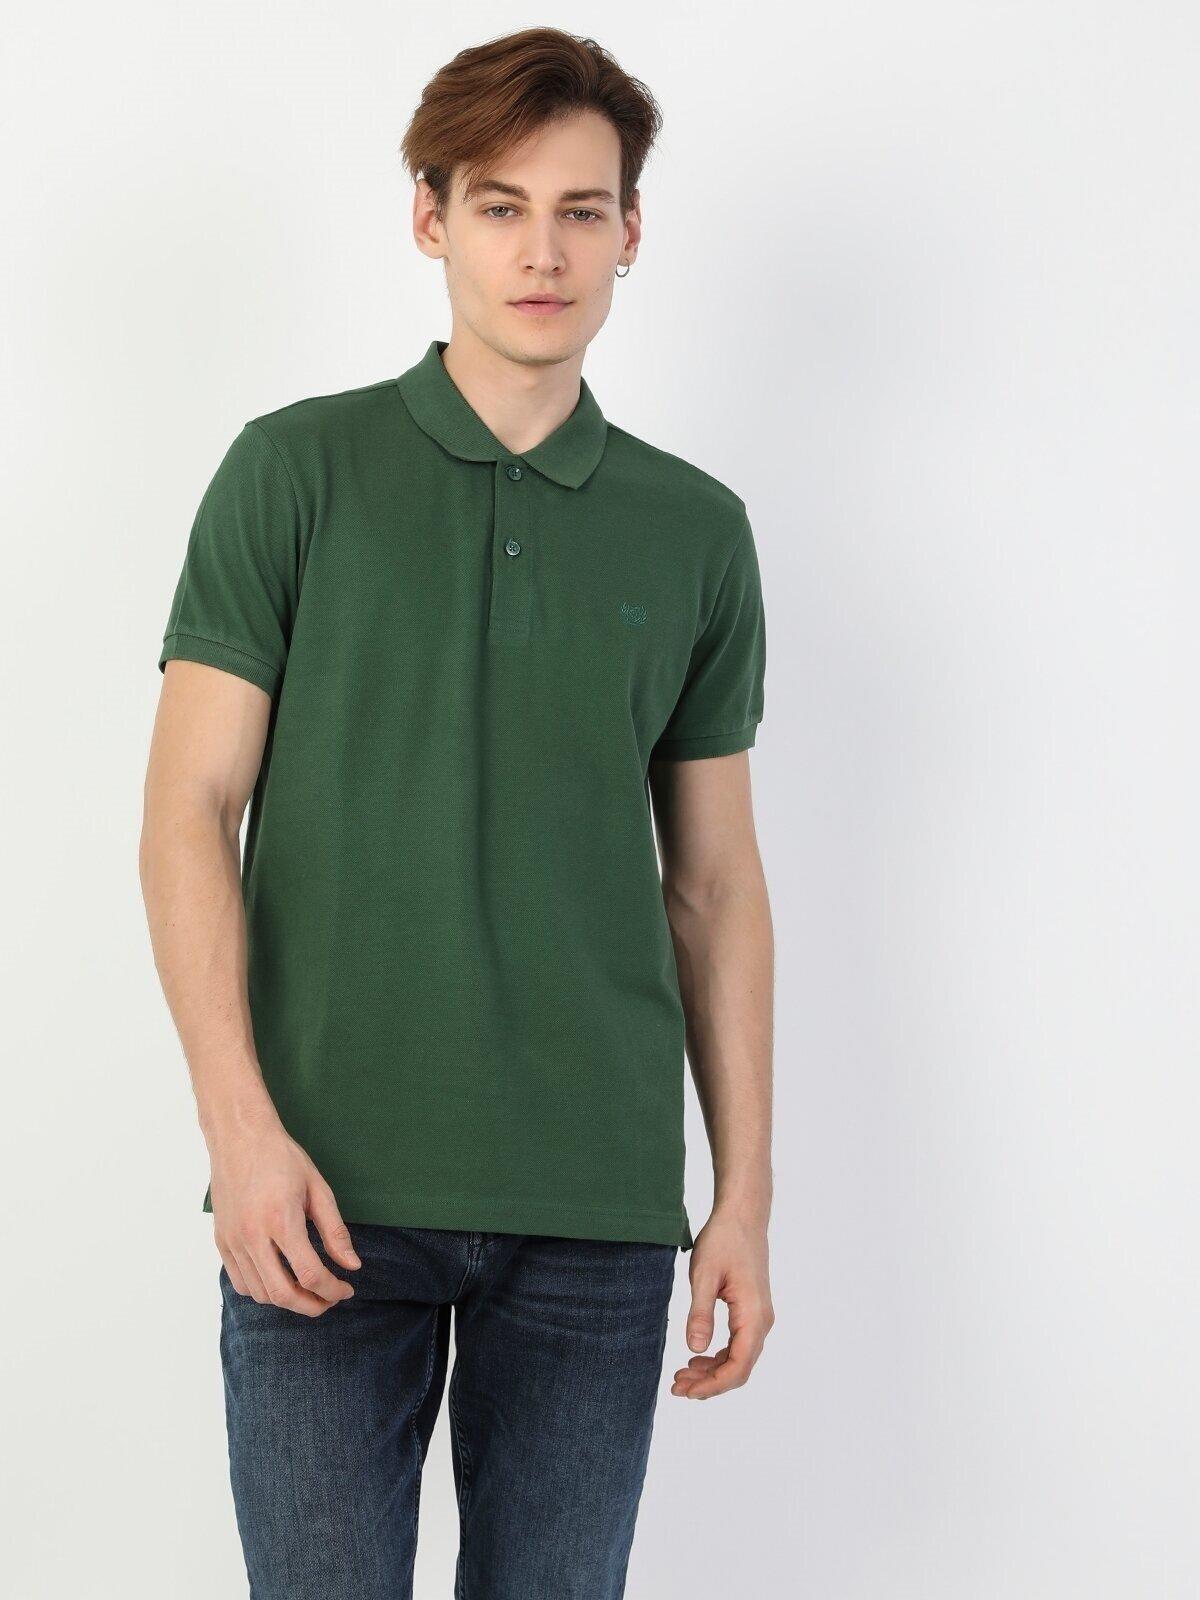 Regular Fit Polo Yaka Erkek Yeşil Kısa Kol Tişört